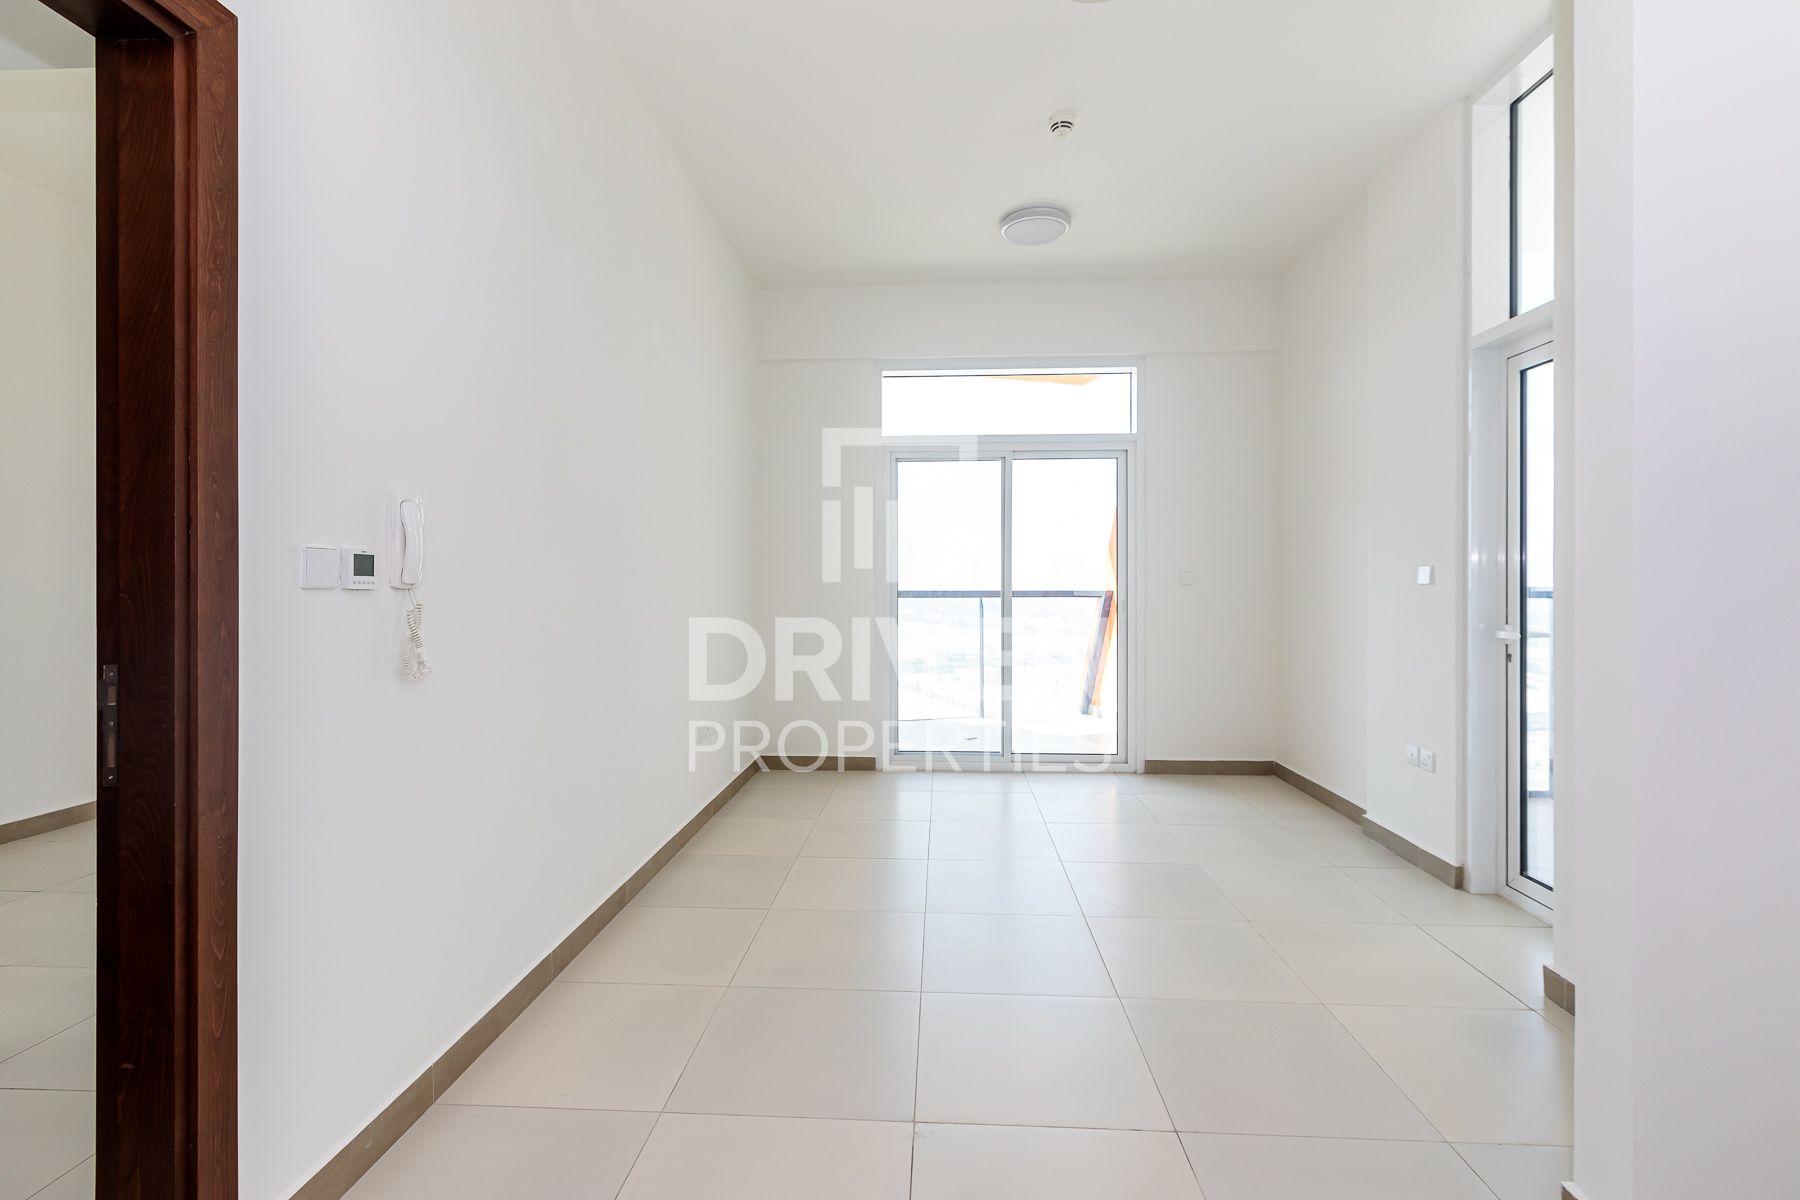 للايجار - شقة - بوابة بن غاطي - الجداف